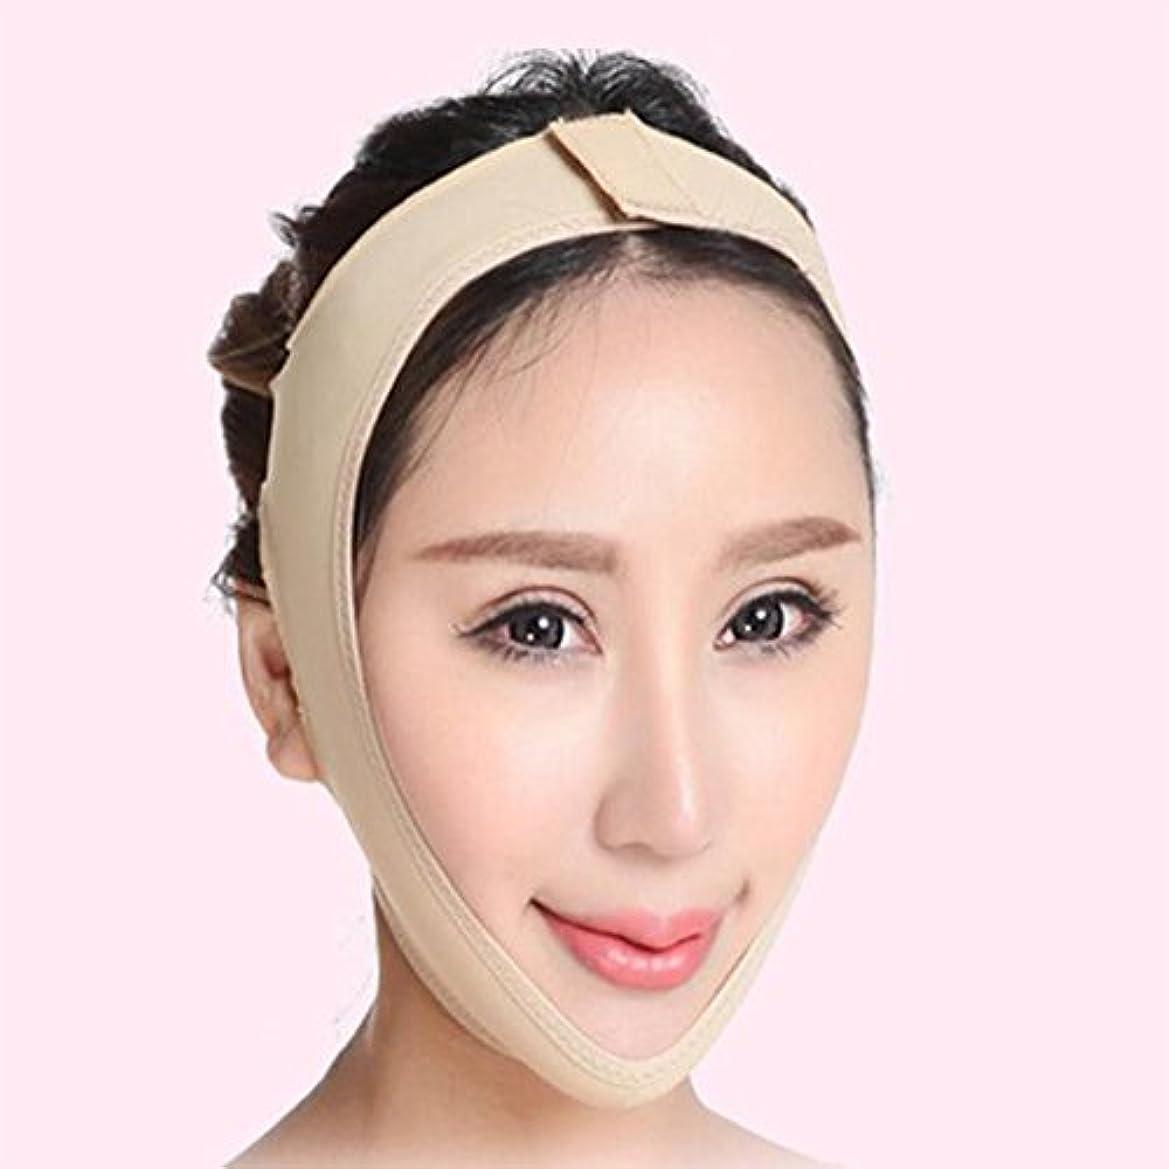 SD 小顔 小顔マスク リフトアップ マスク フェイスライン 矯正 あご シャープ メンズ レディース XLサイズ AZD15003-XL